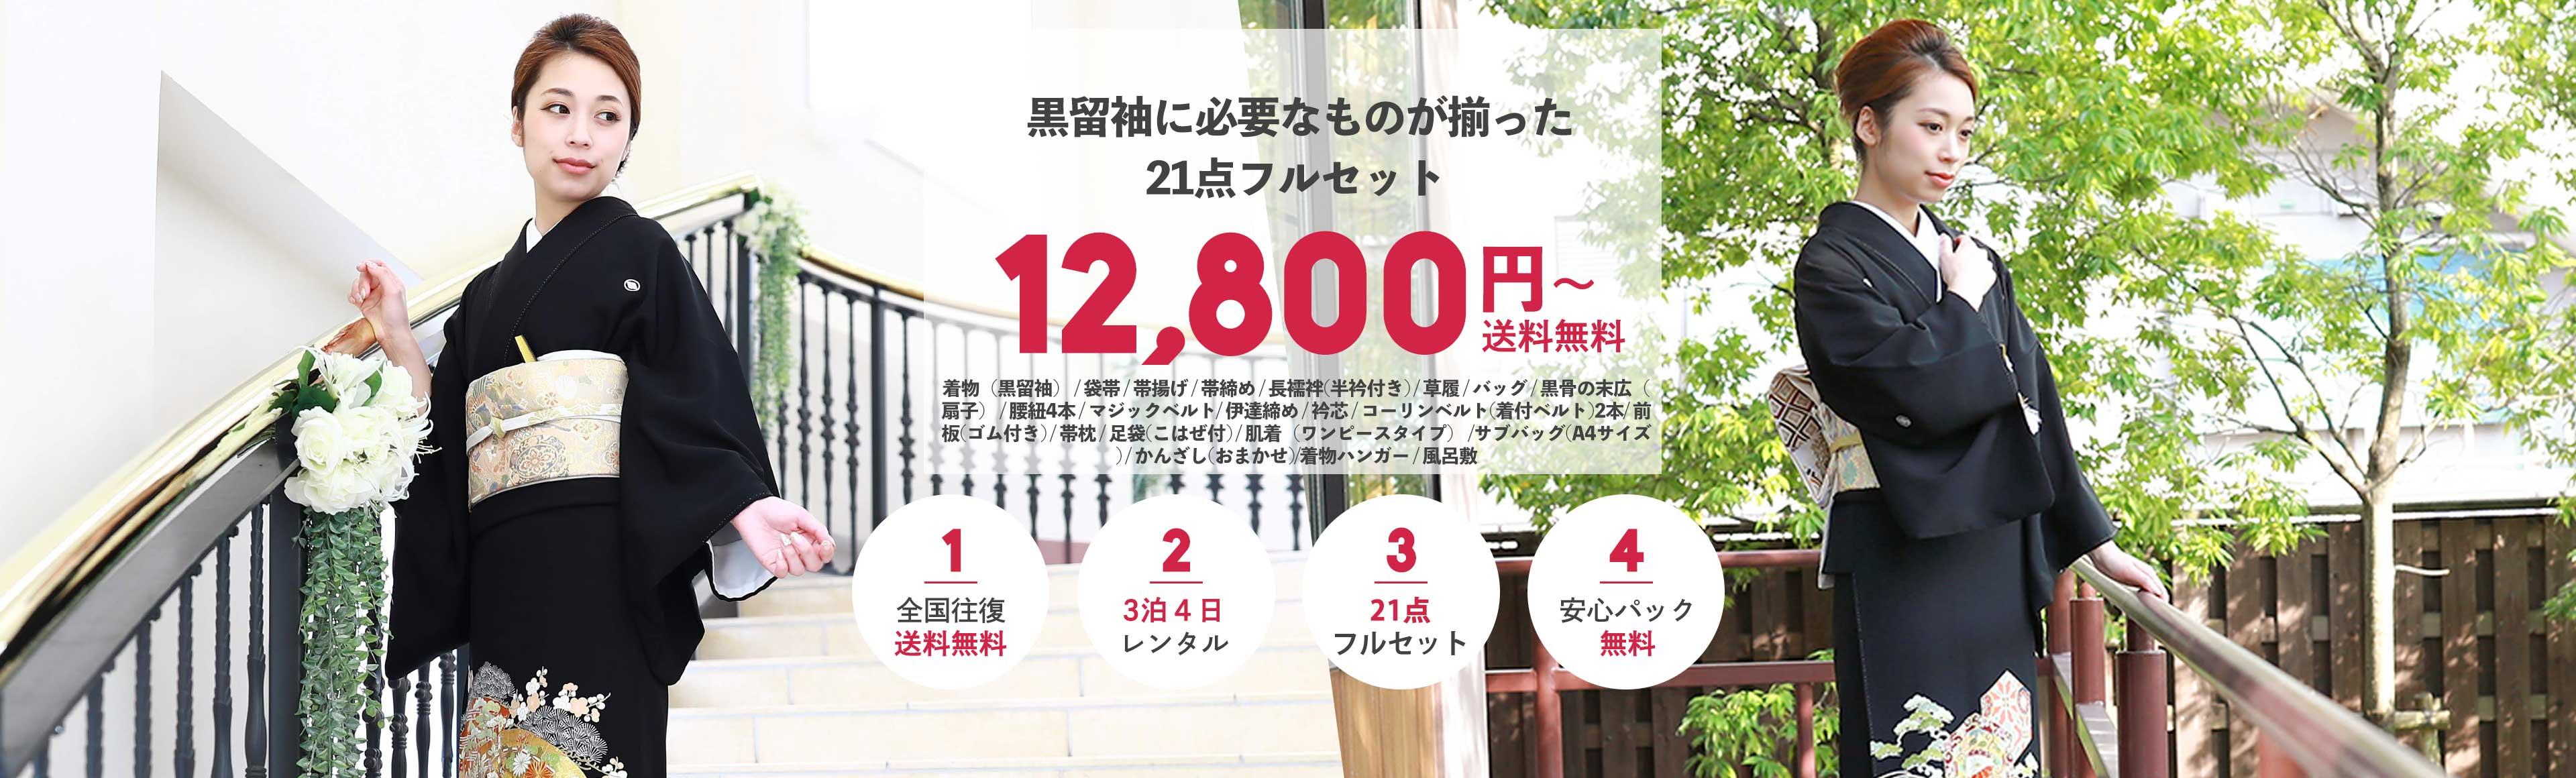 結婚式の第一礼装、黒留袖レンタル一式フルセットレンタル¥12,800~サブバッグ・髪飾り付き